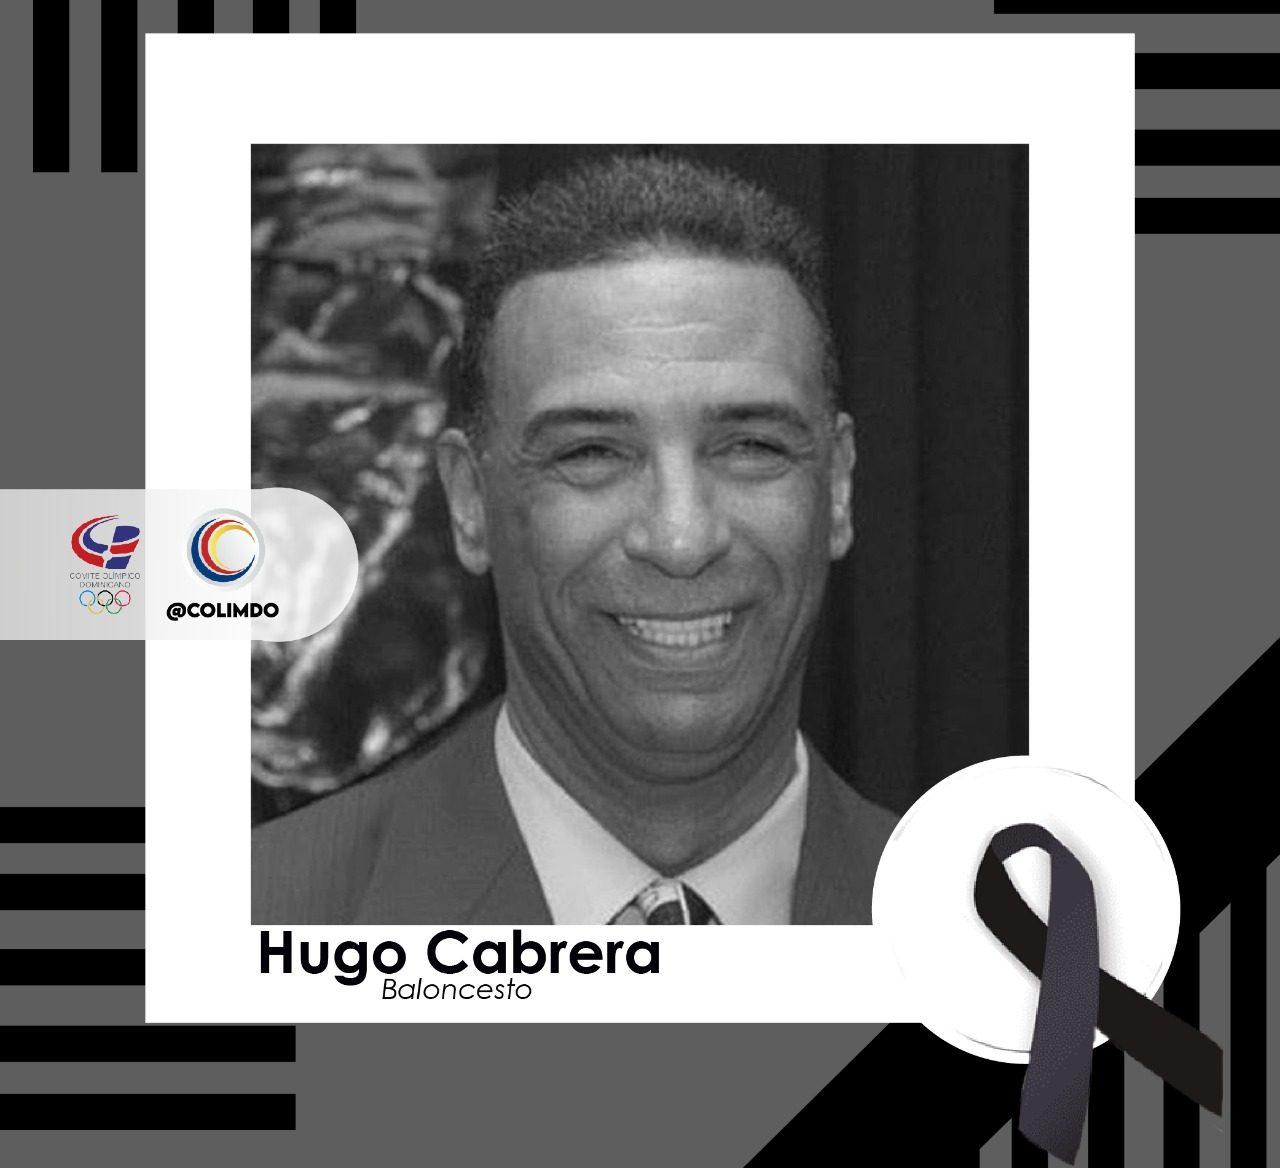 Consulado dominicano en NY cubrirá gastos funerales de Hugo Cabrera